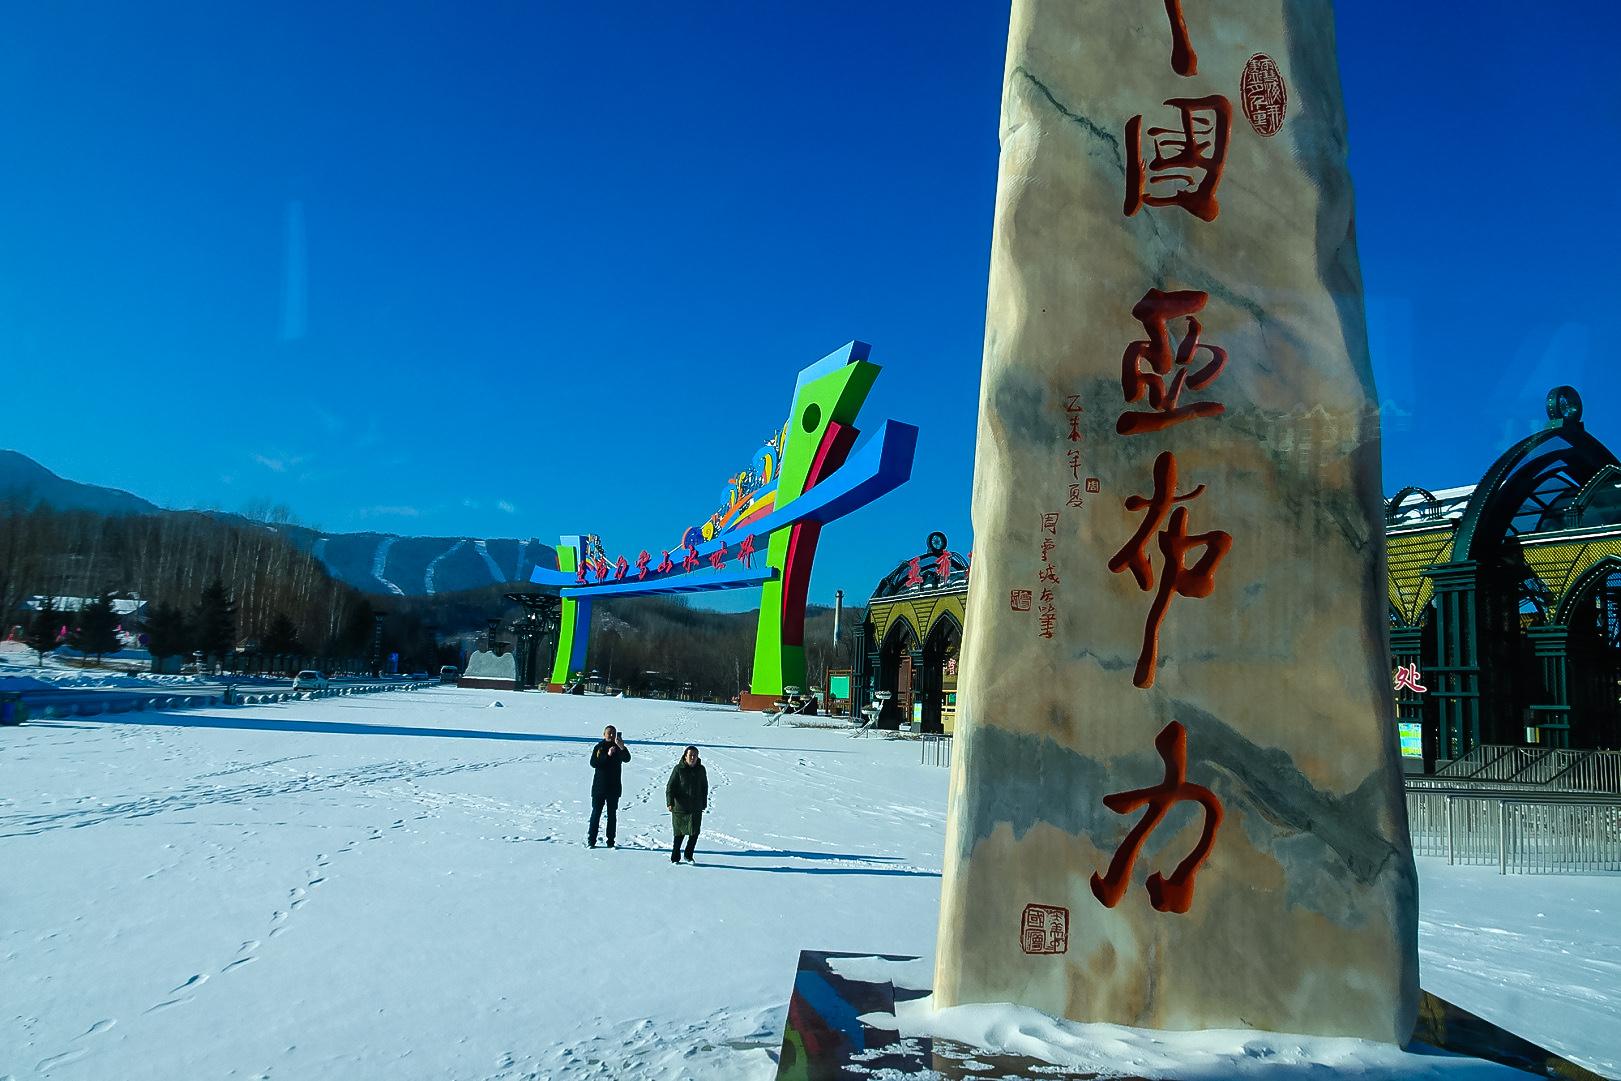 哈尔滨亚布力滑雪场